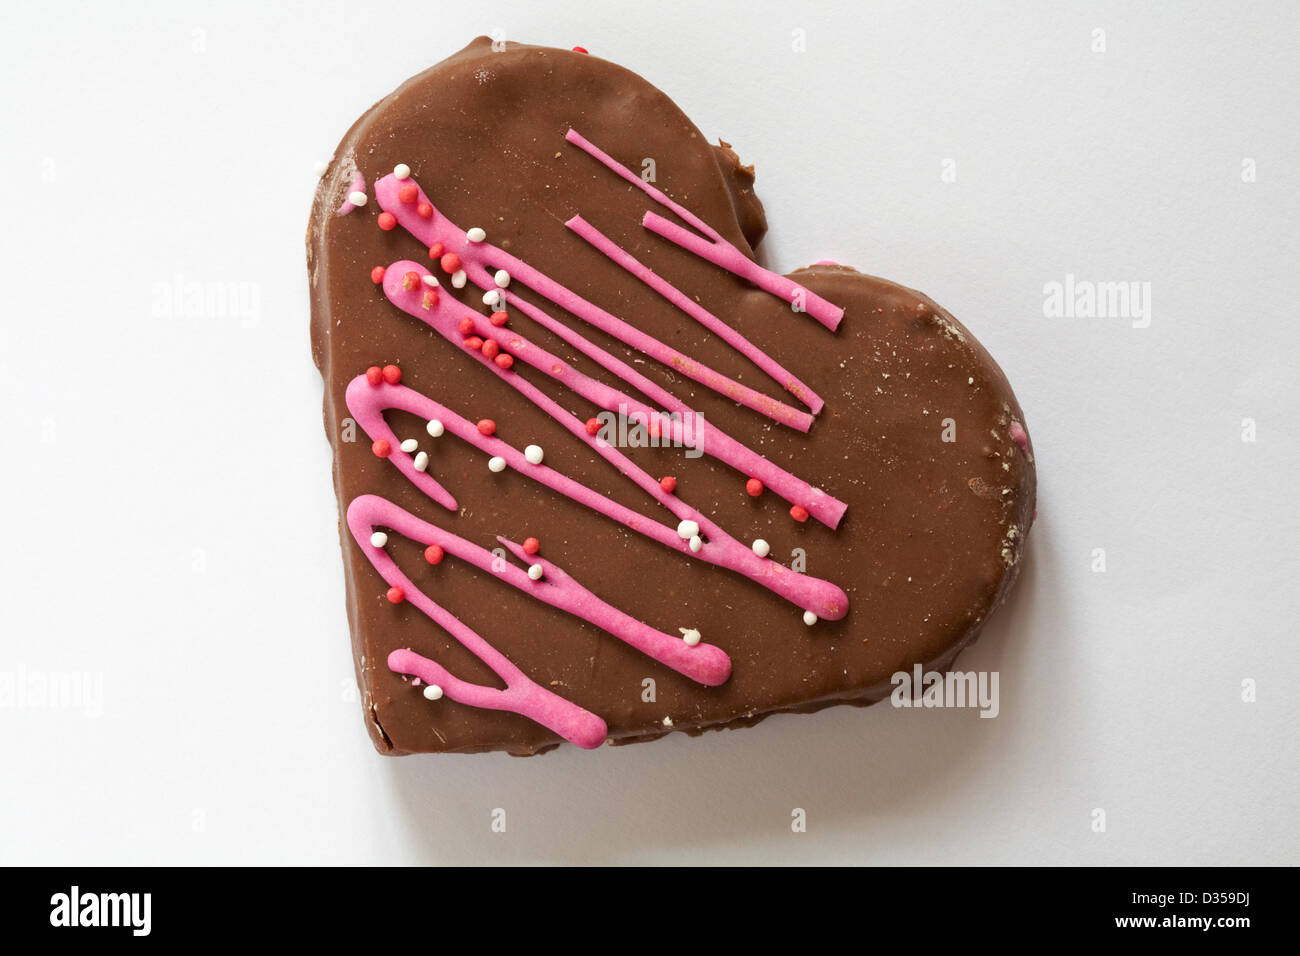 Valentinstag Schokolade Herz Kuchen Kuchen In Herzform Auf Weissem